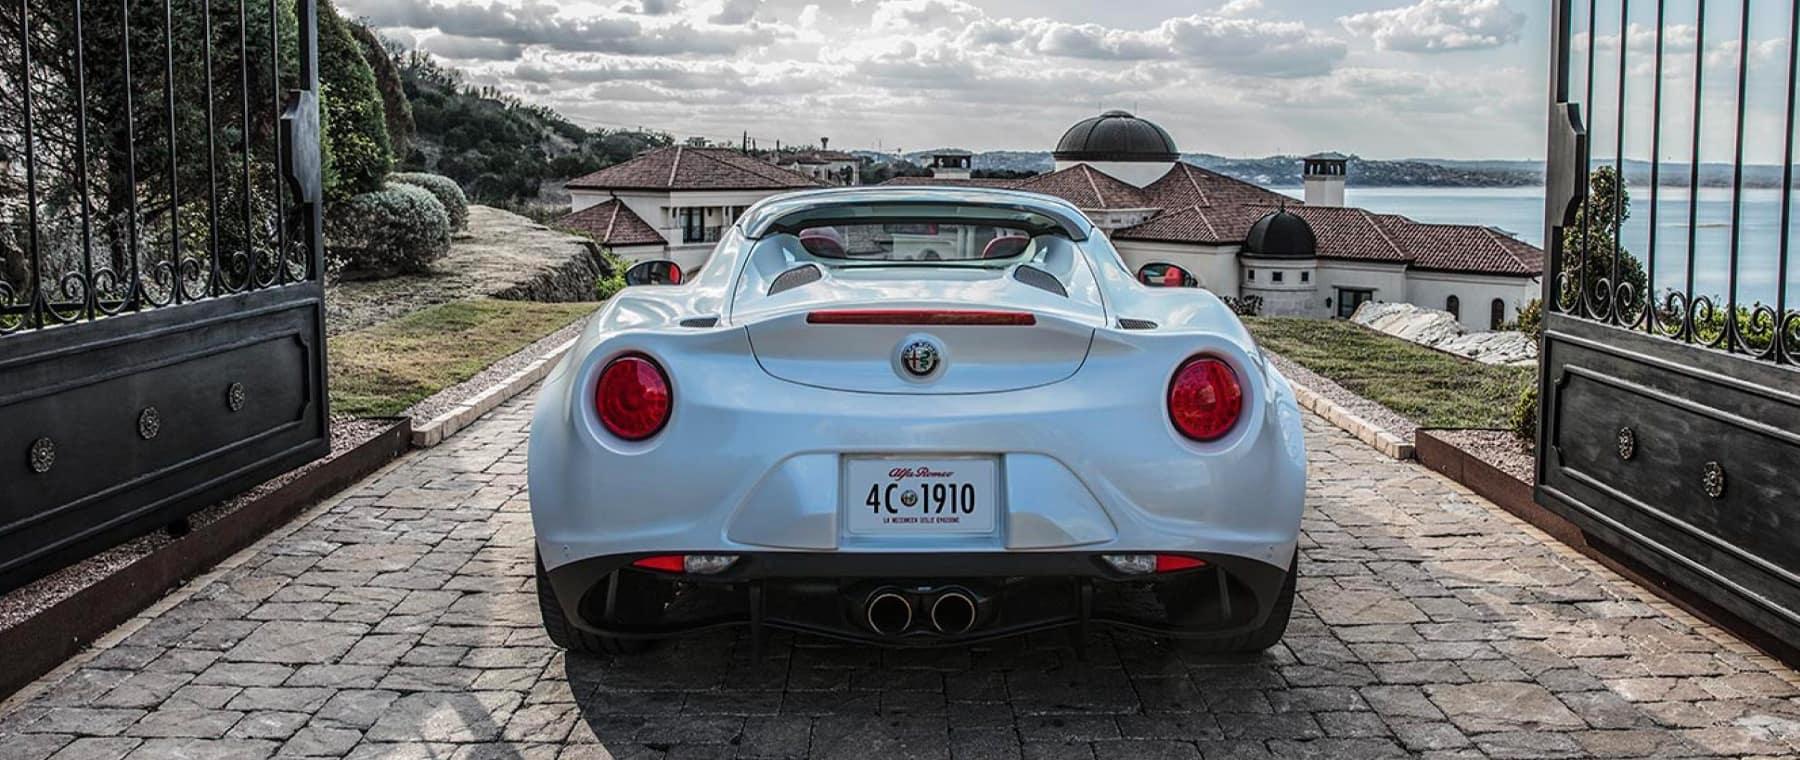 Alfa Romeo Homepage Image